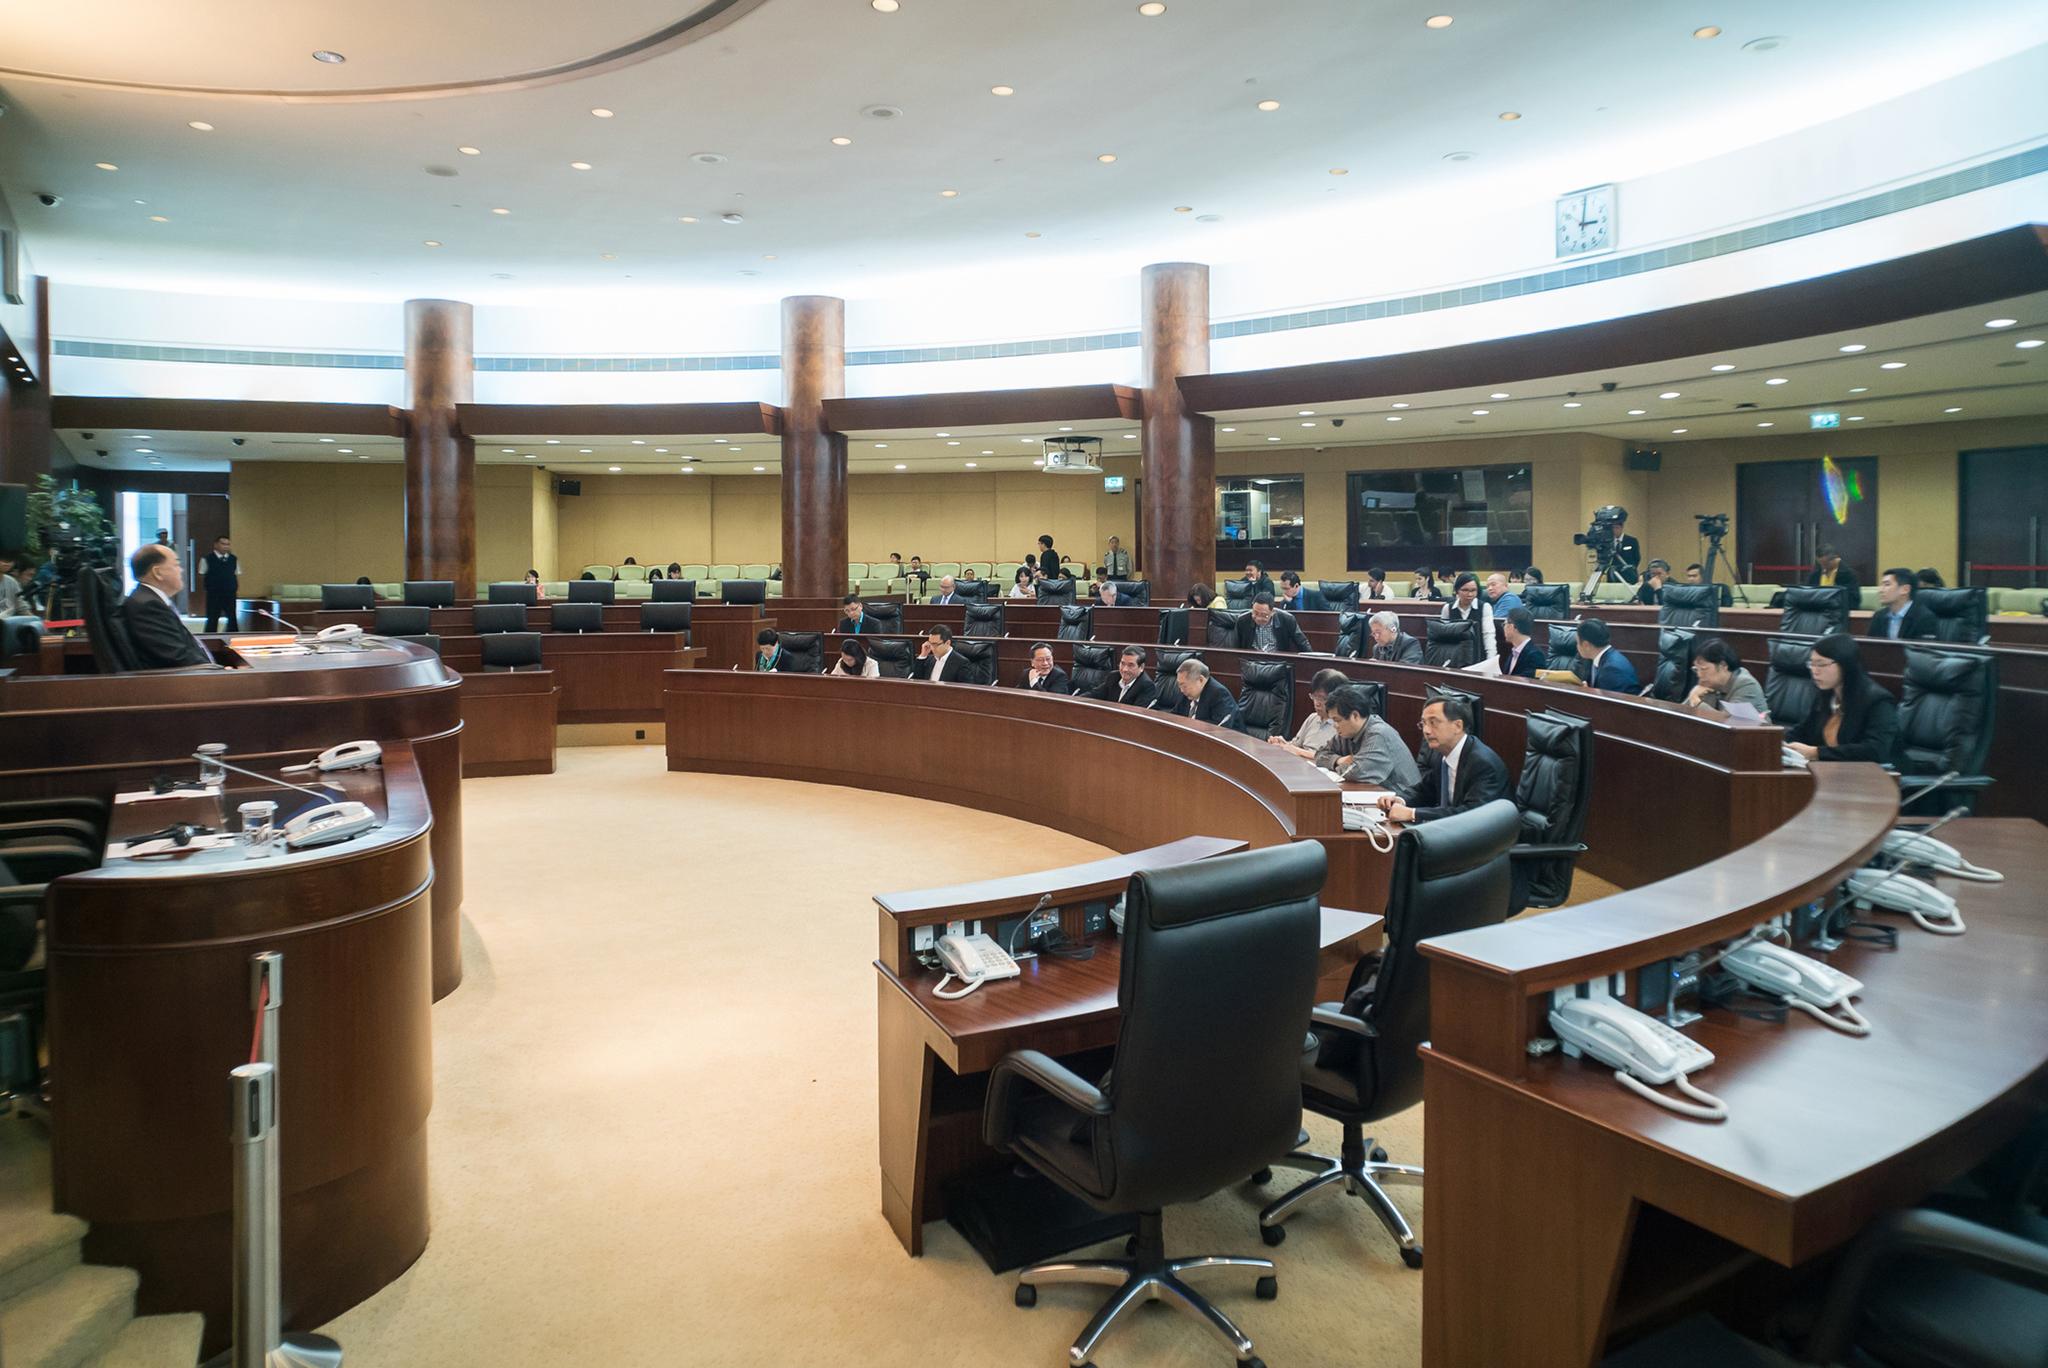 Plenários | Comissão de Regimento e Mandatos retira artigo que proíbe adereços